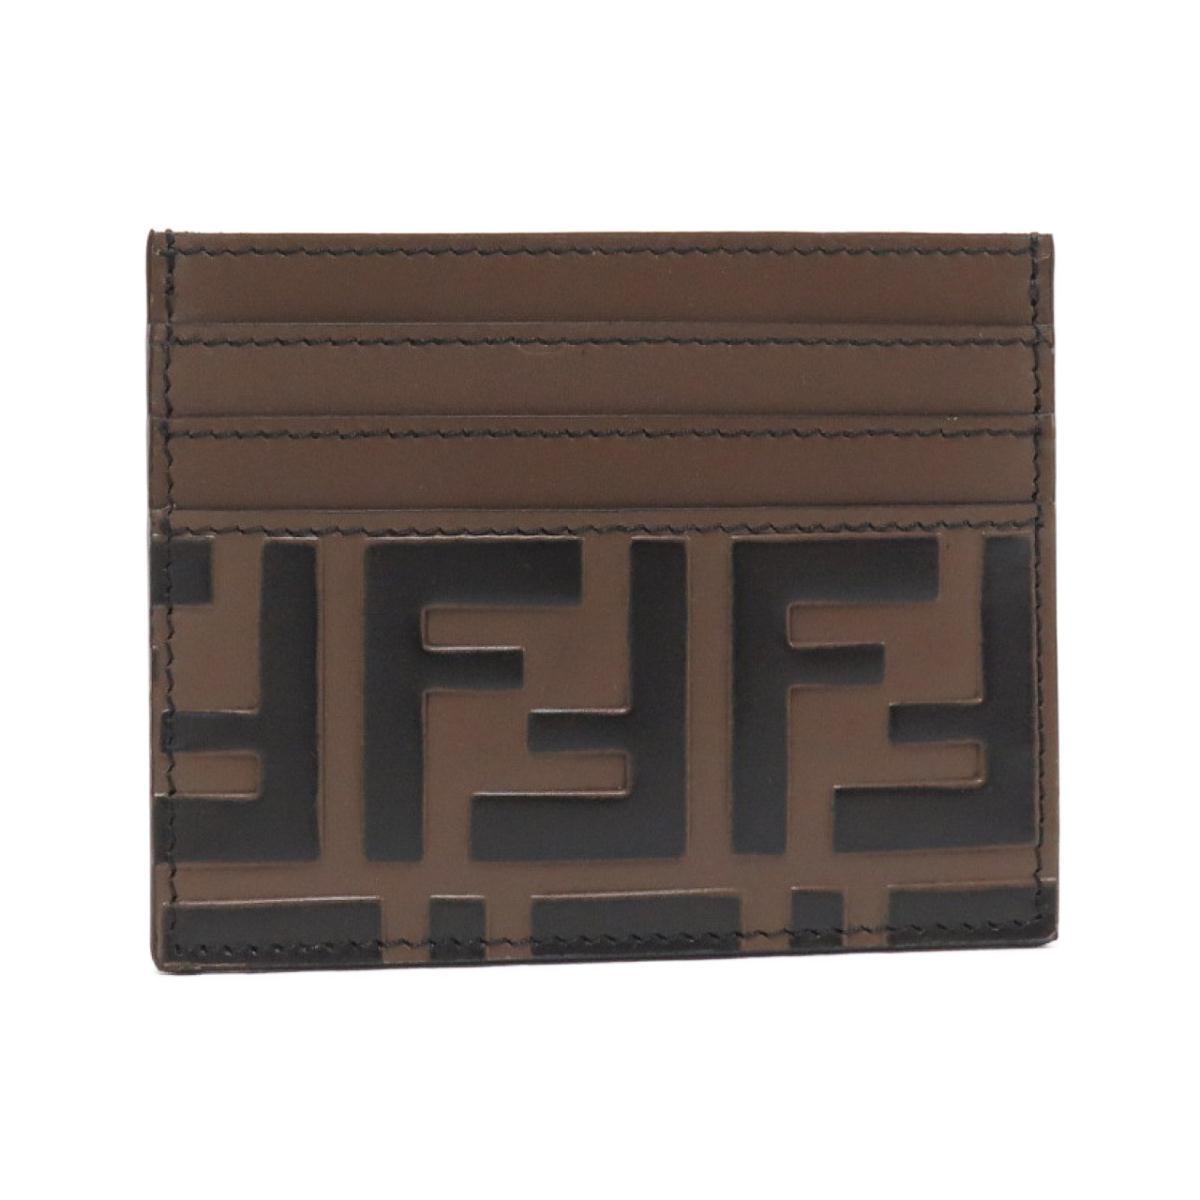 【新品】フェンディ カードケース 7M0164 A42P【新品】